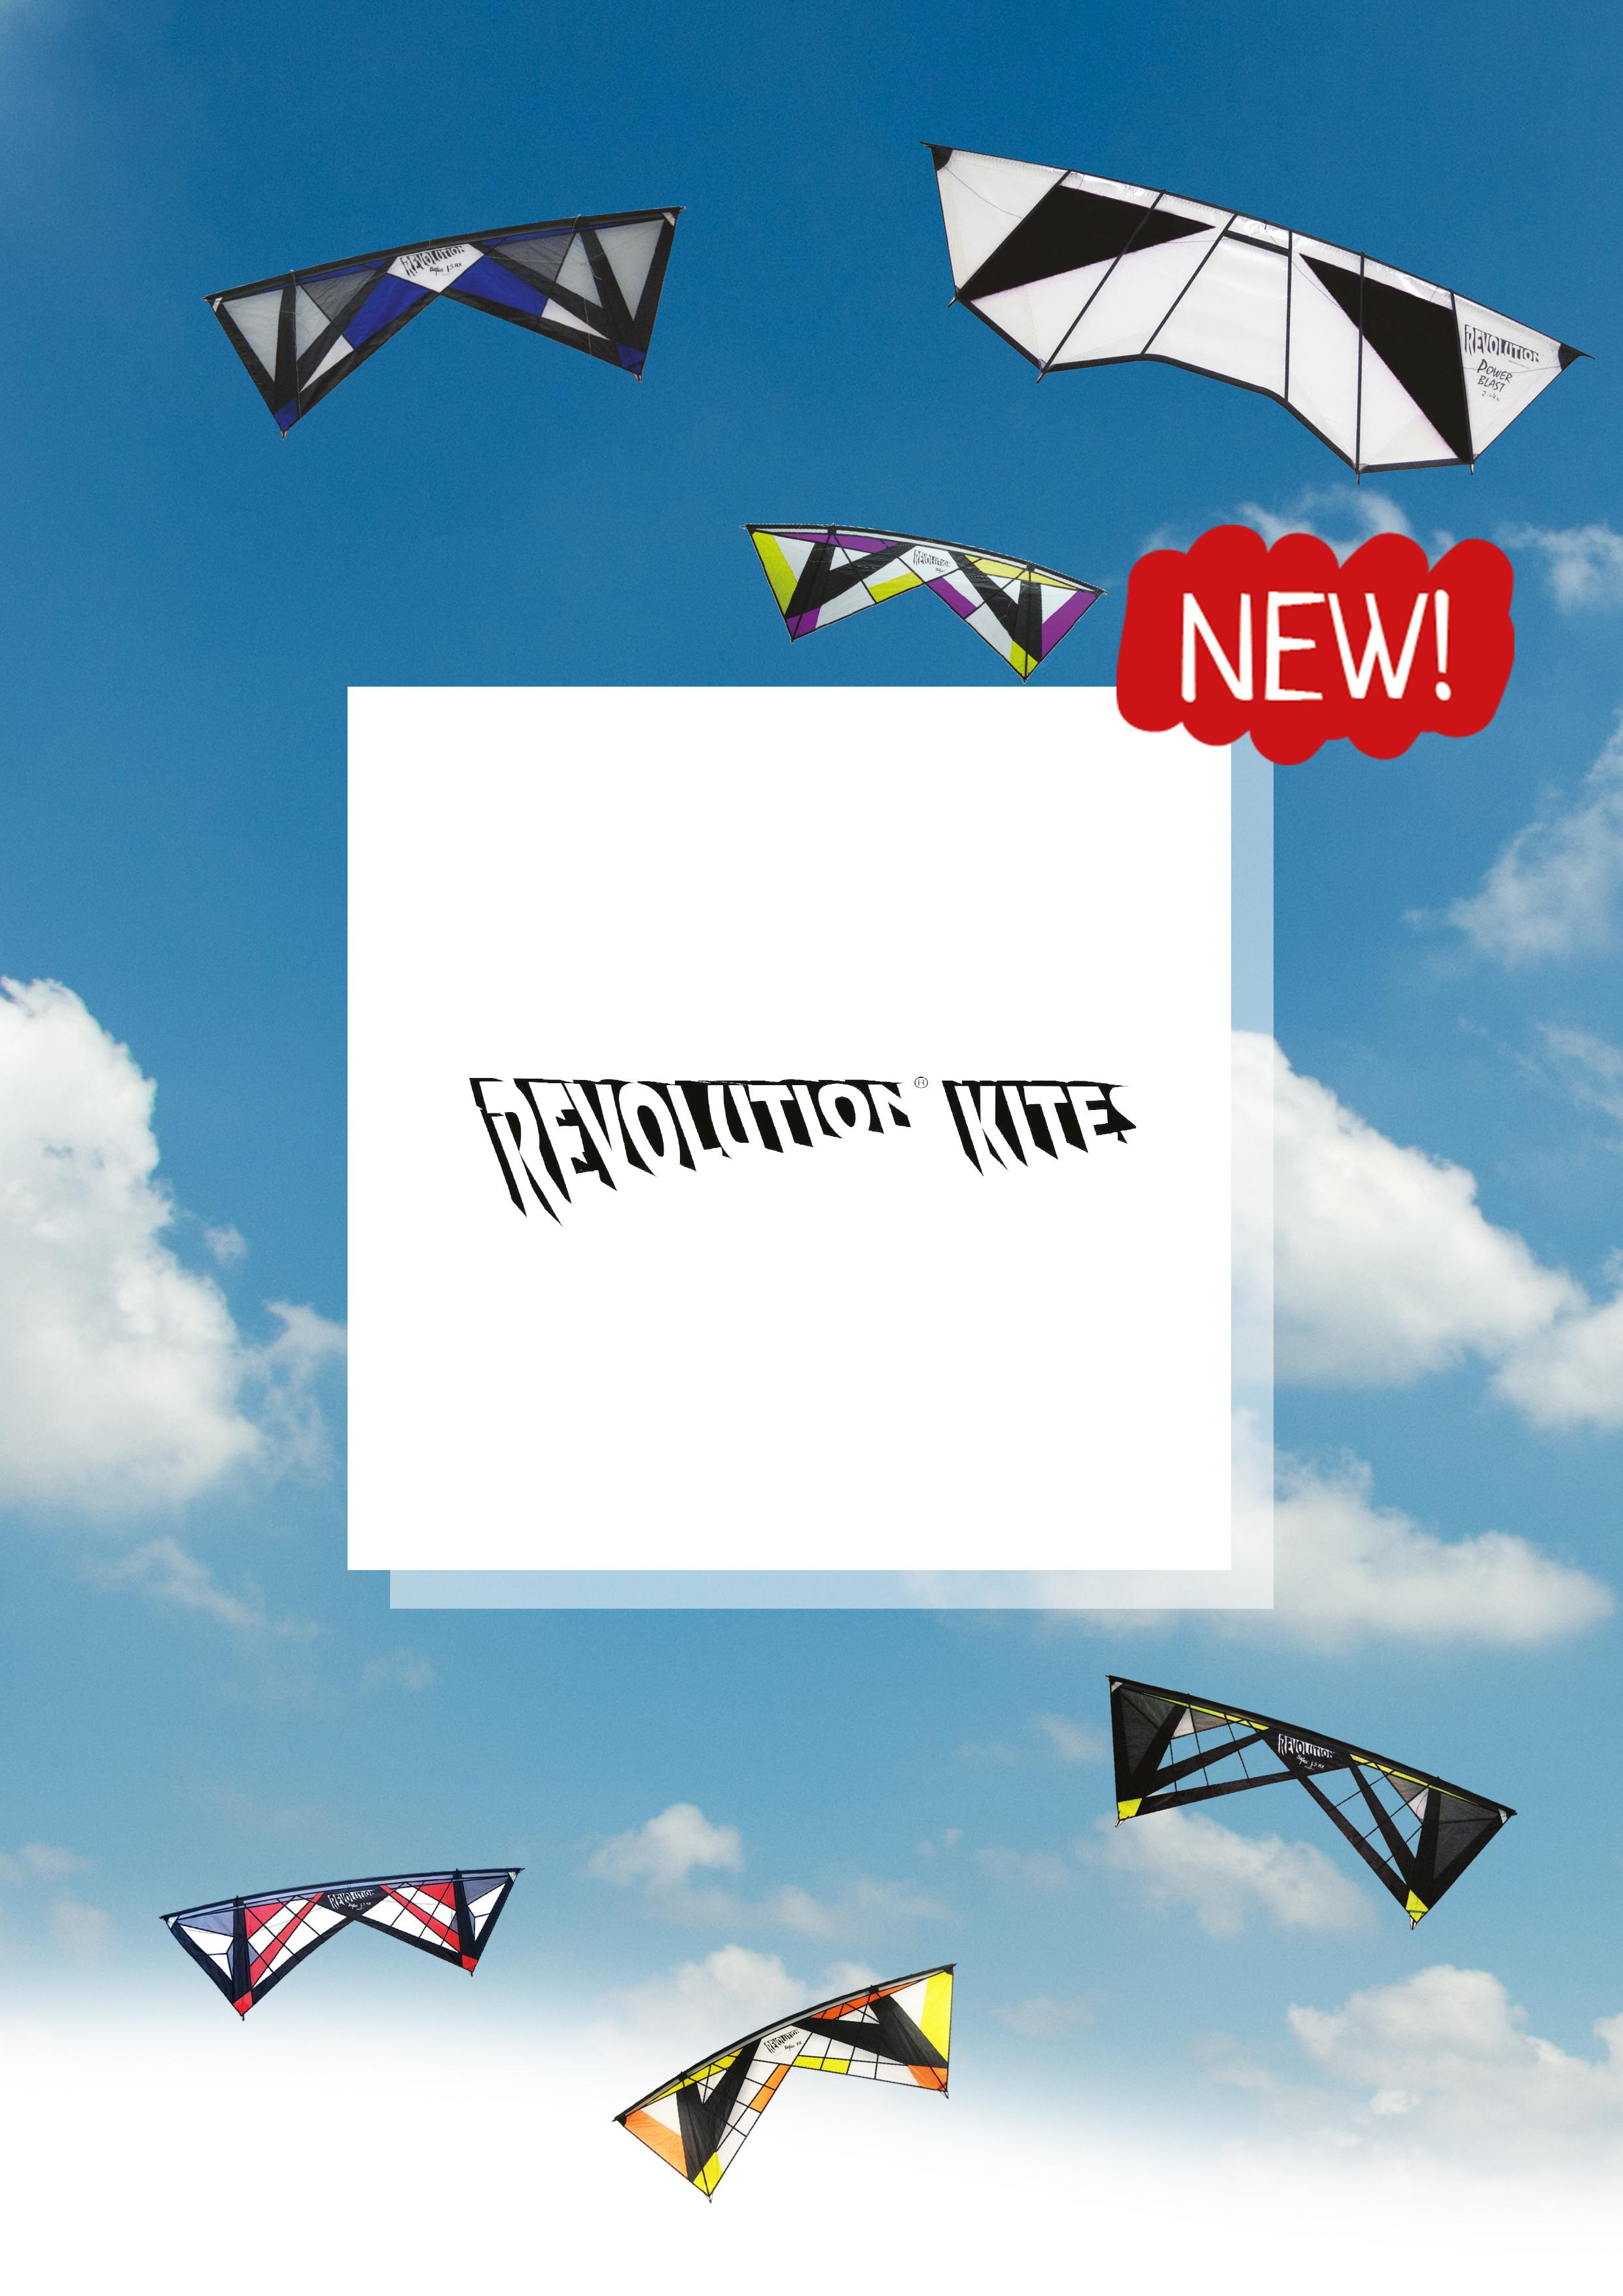 Couverture de Revolution Kite 2020